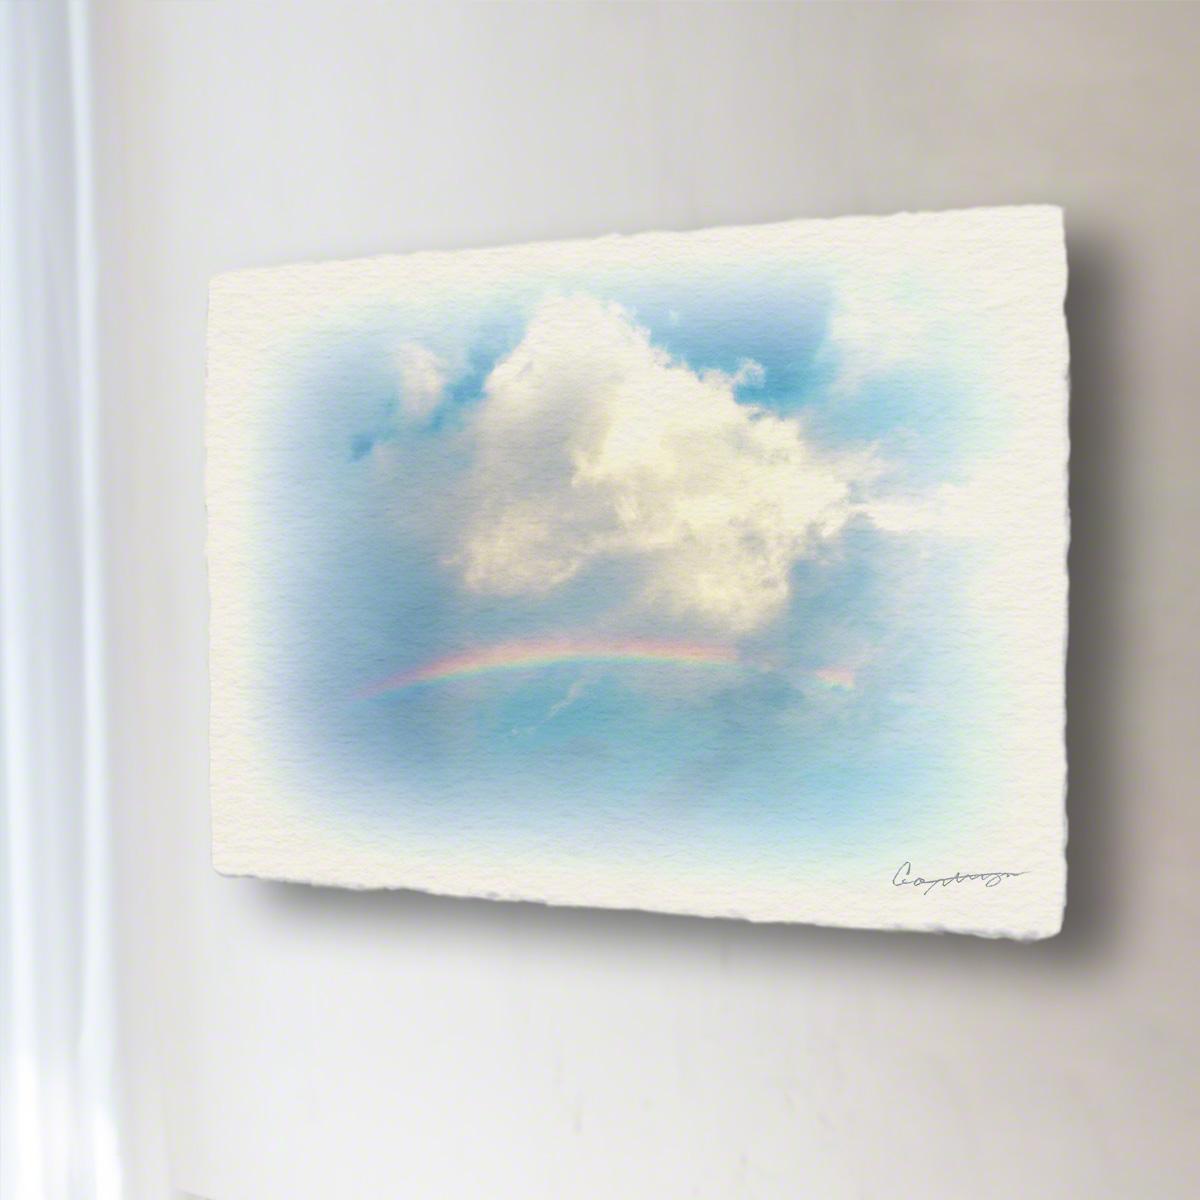 和紙 手作り アートパネル 「虹と入道雲」(64x48cm) 絵画 絵 ポスター 壁掛け モダン アート 和風 オリジナル インテリア 風景画 ランキング おすすめ おしゃれ 人気 キッチン リビング ダイニング 玄関 和室